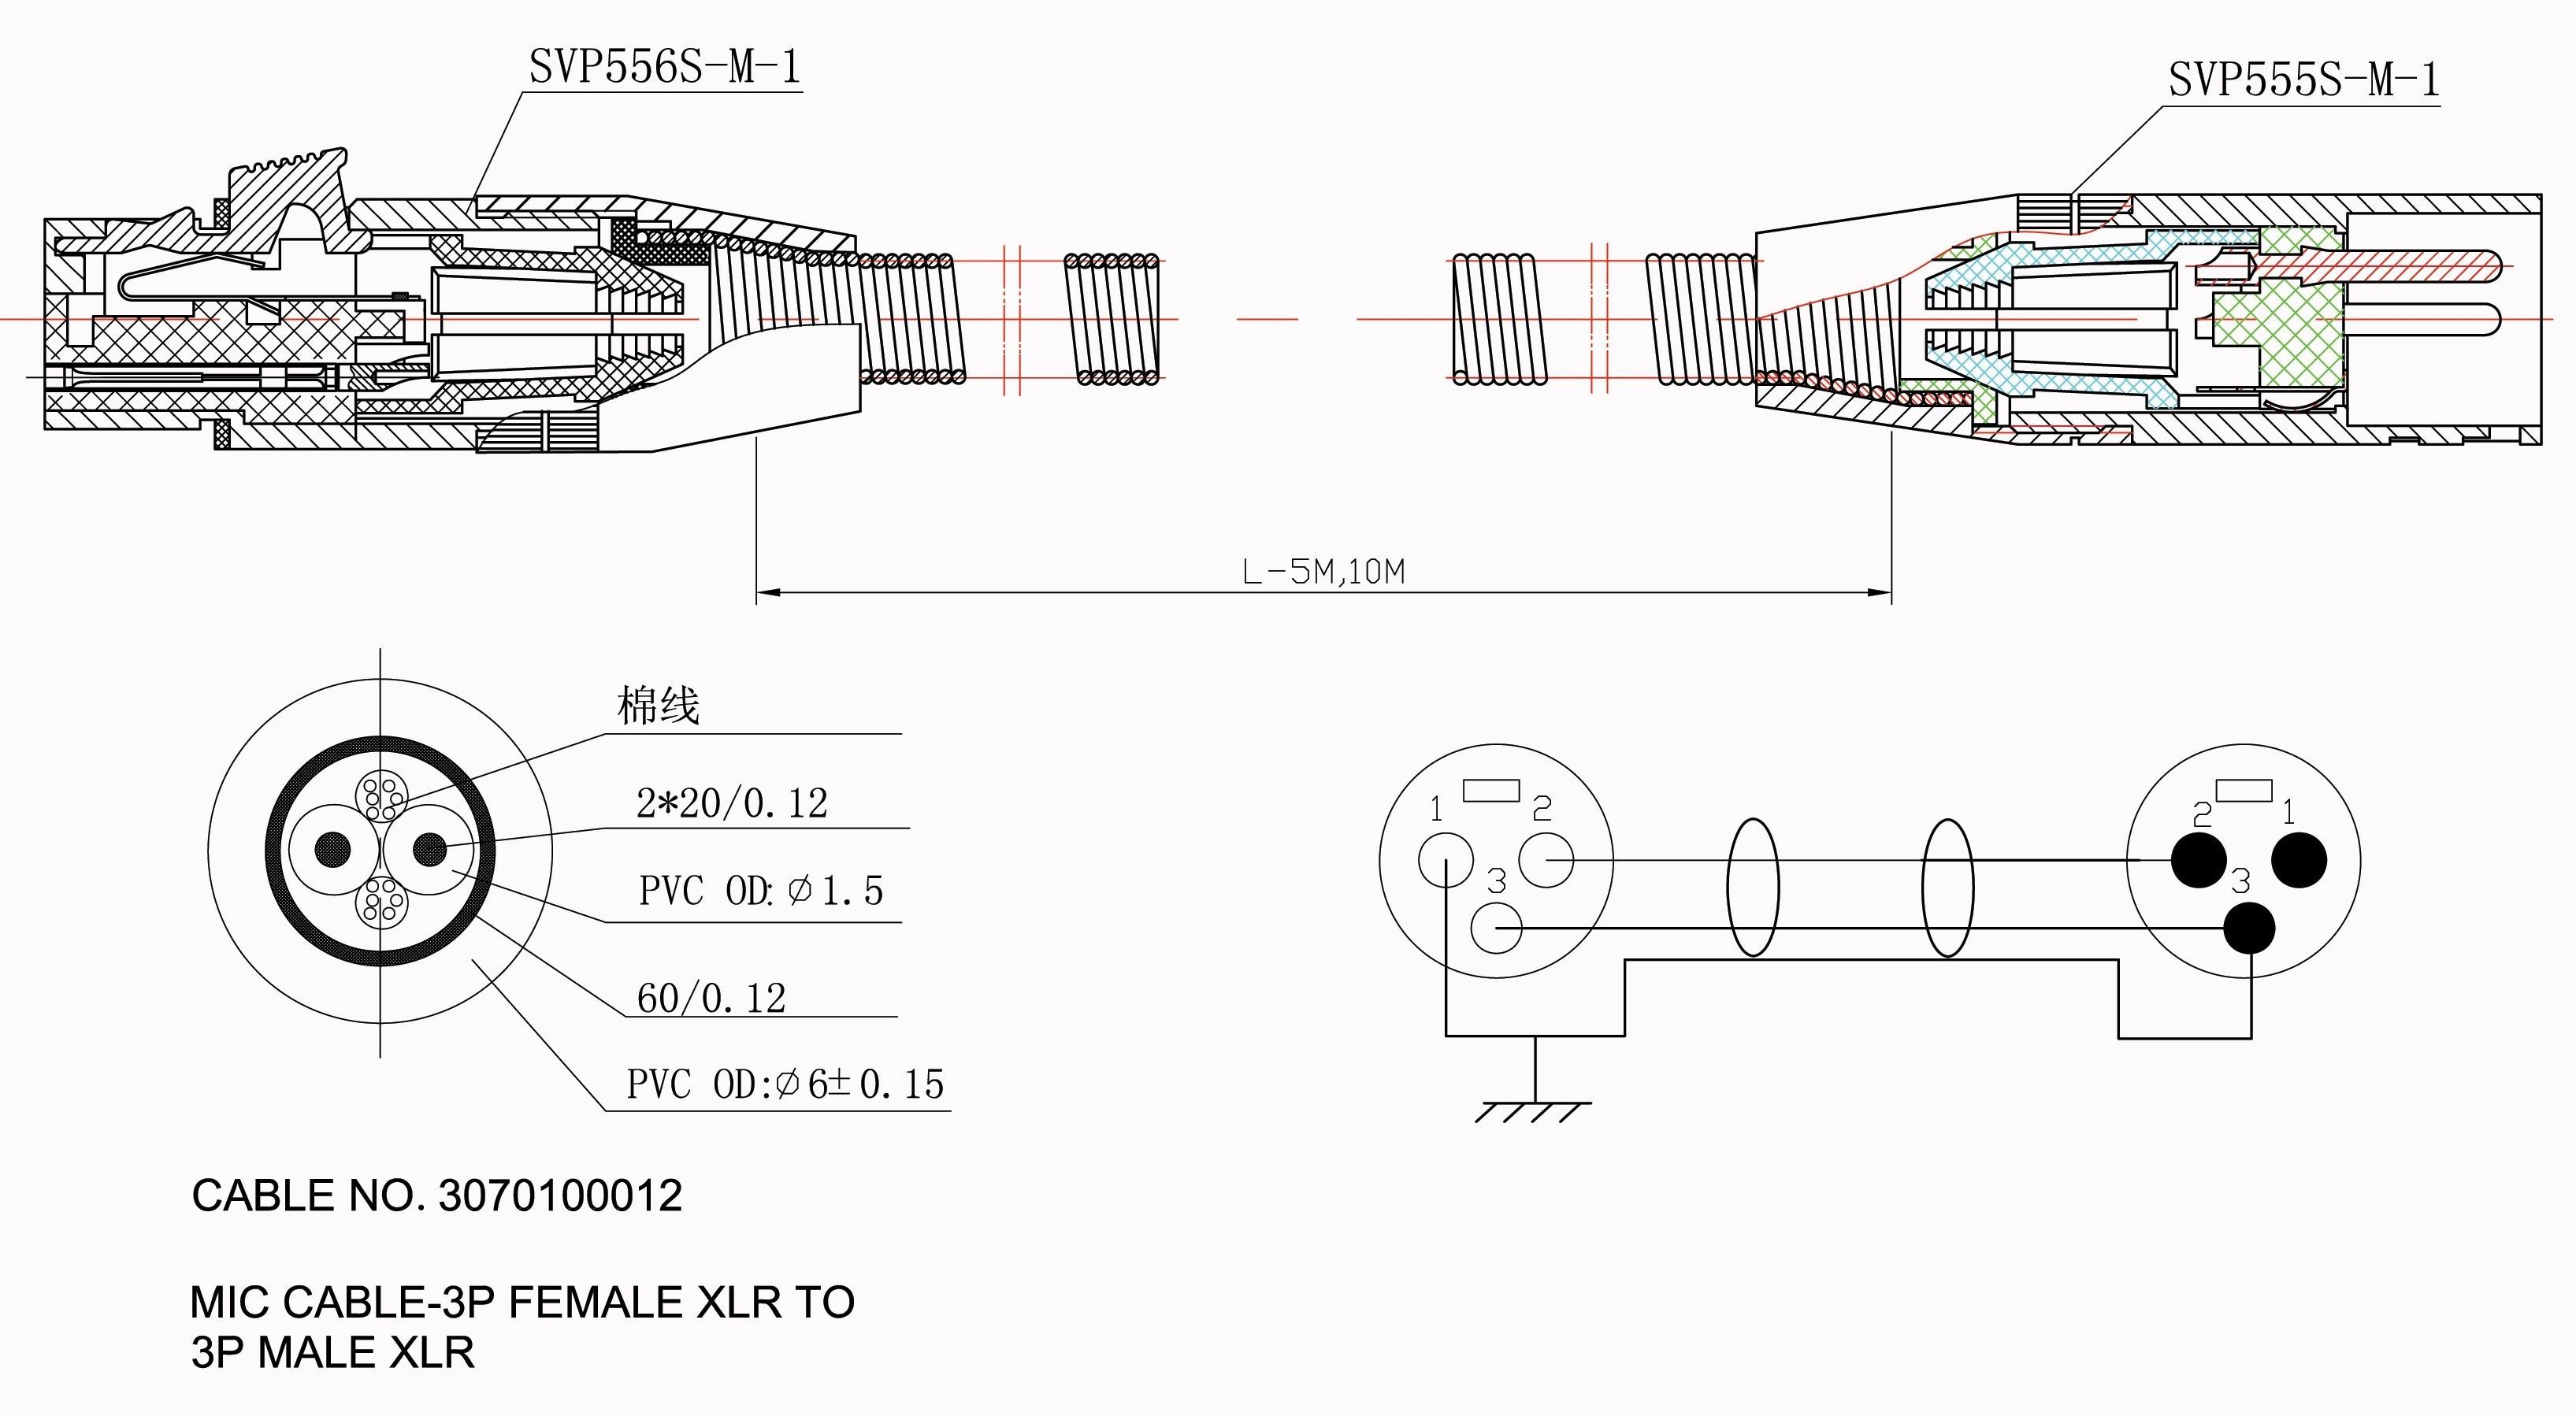 1999 ford Escort Engine Diagram 2005 ford F250 Trailer Wiring Diagram Valid Legend Trailer Wiring Of 1999 ford Escort Engine Diagram